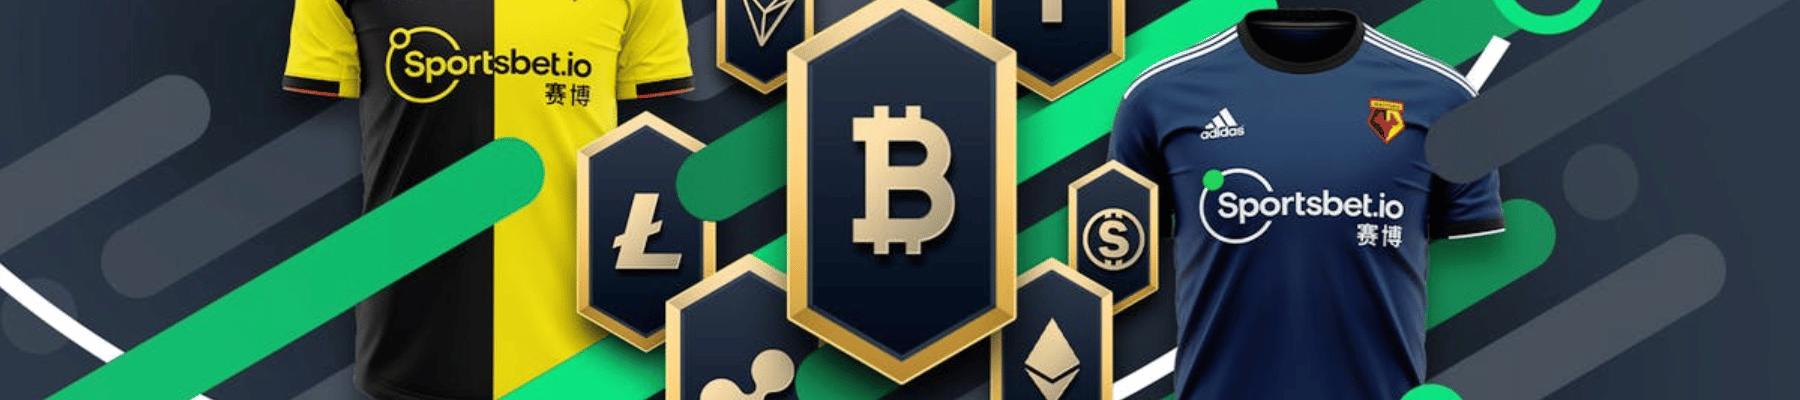 Bitcoin Sportsbet Banner 1